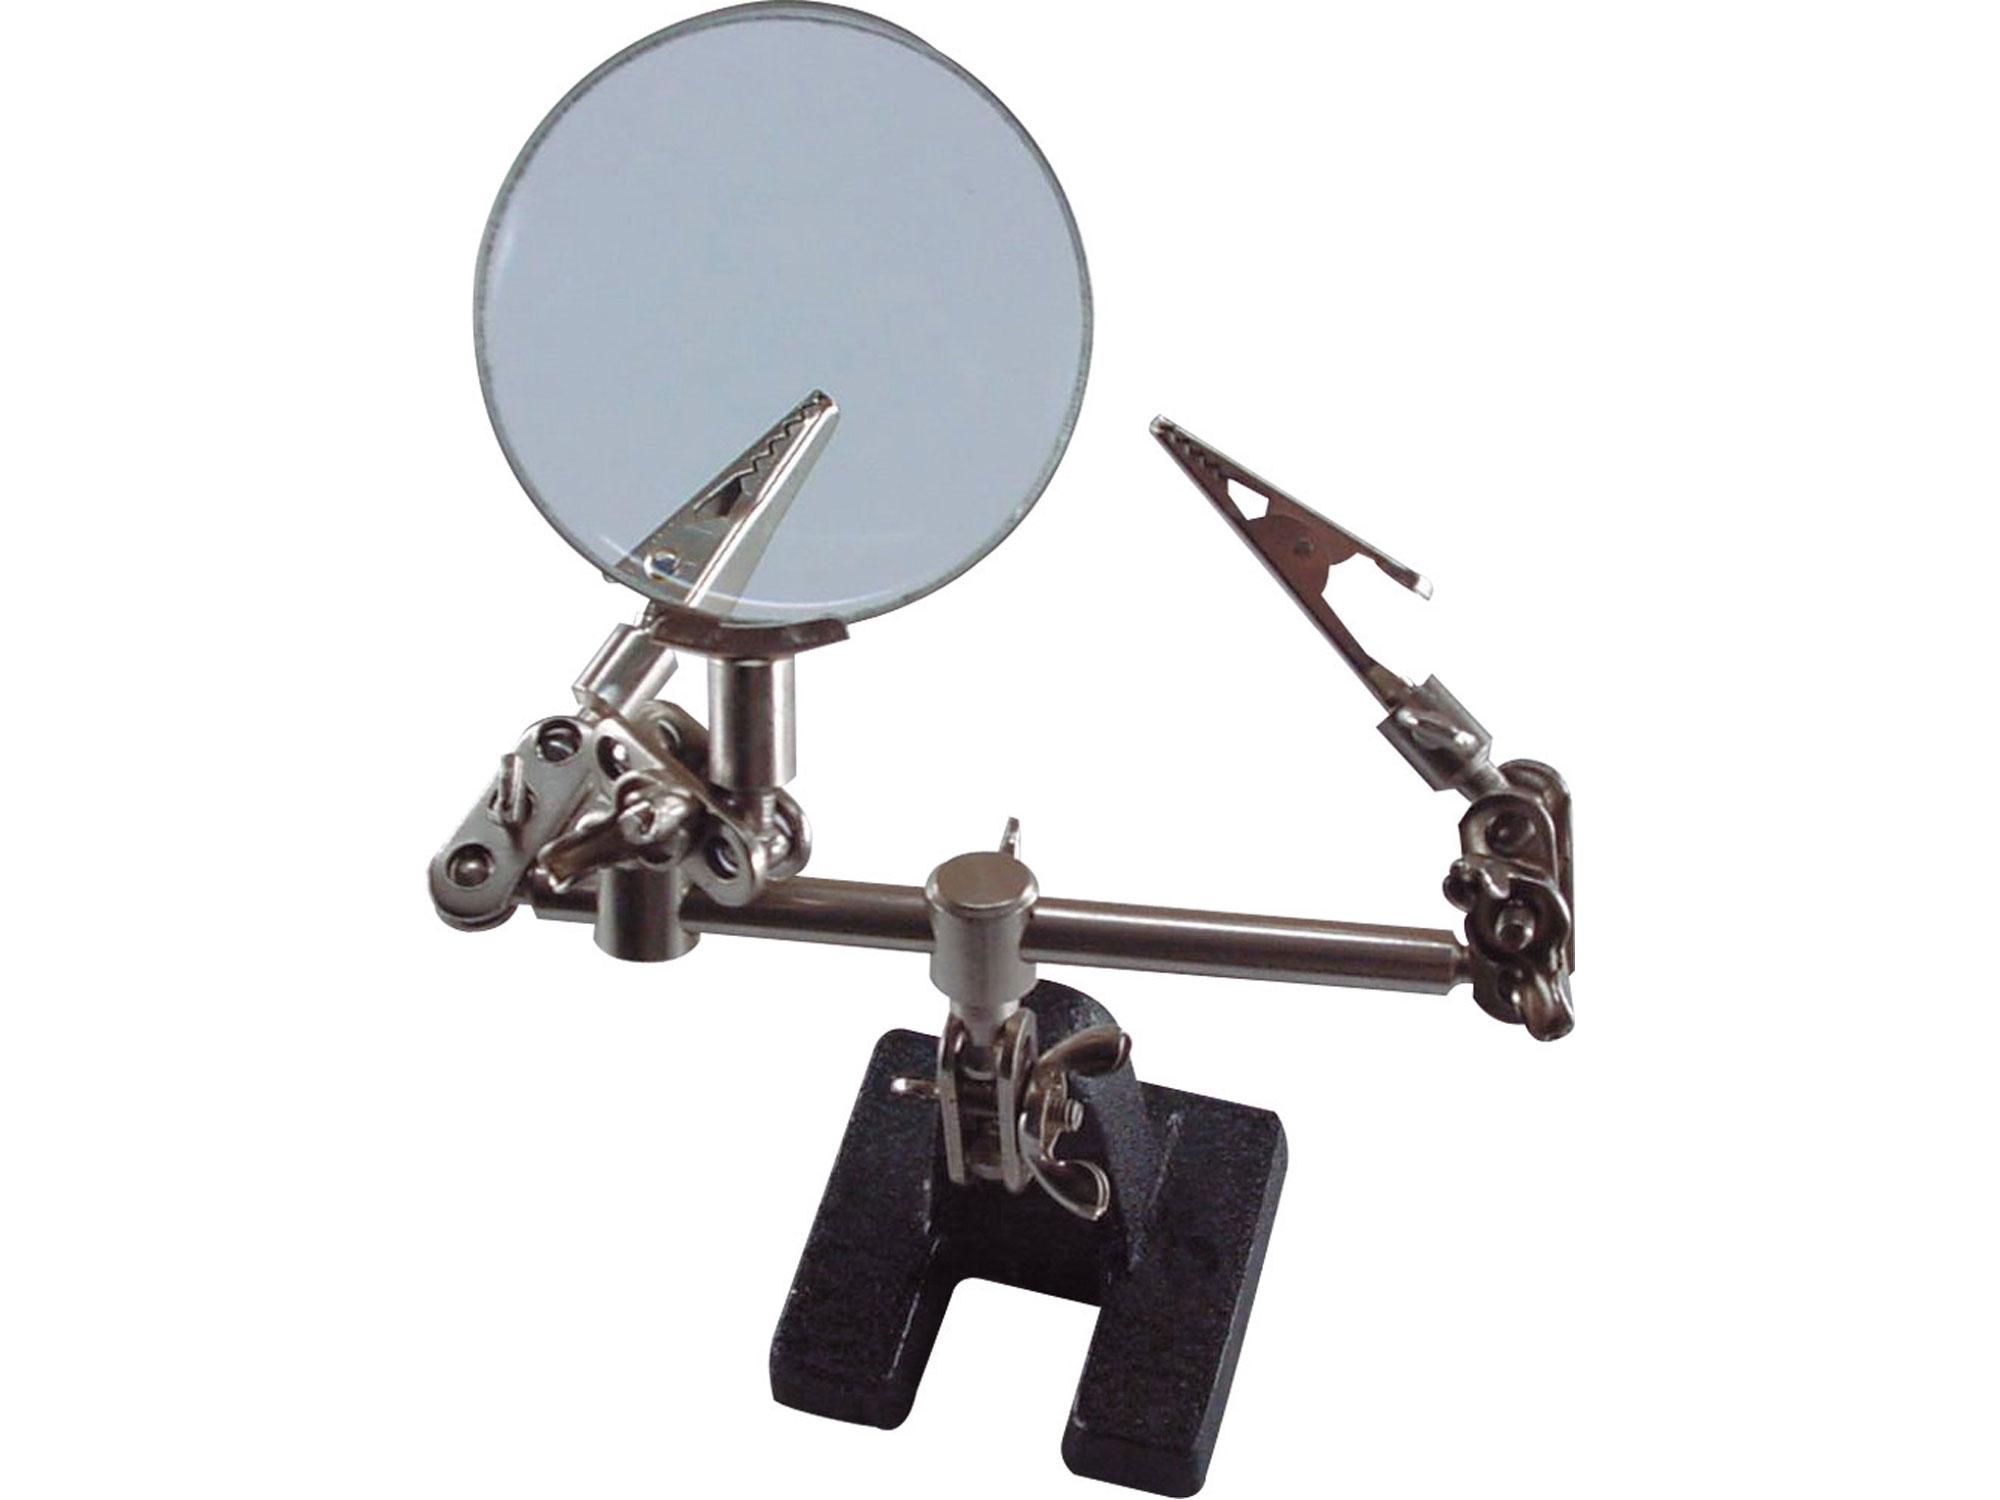 """držák """"třetí ruka"""" s lupou, průměr lupy 60mm, zvětšení lupy 8x"""